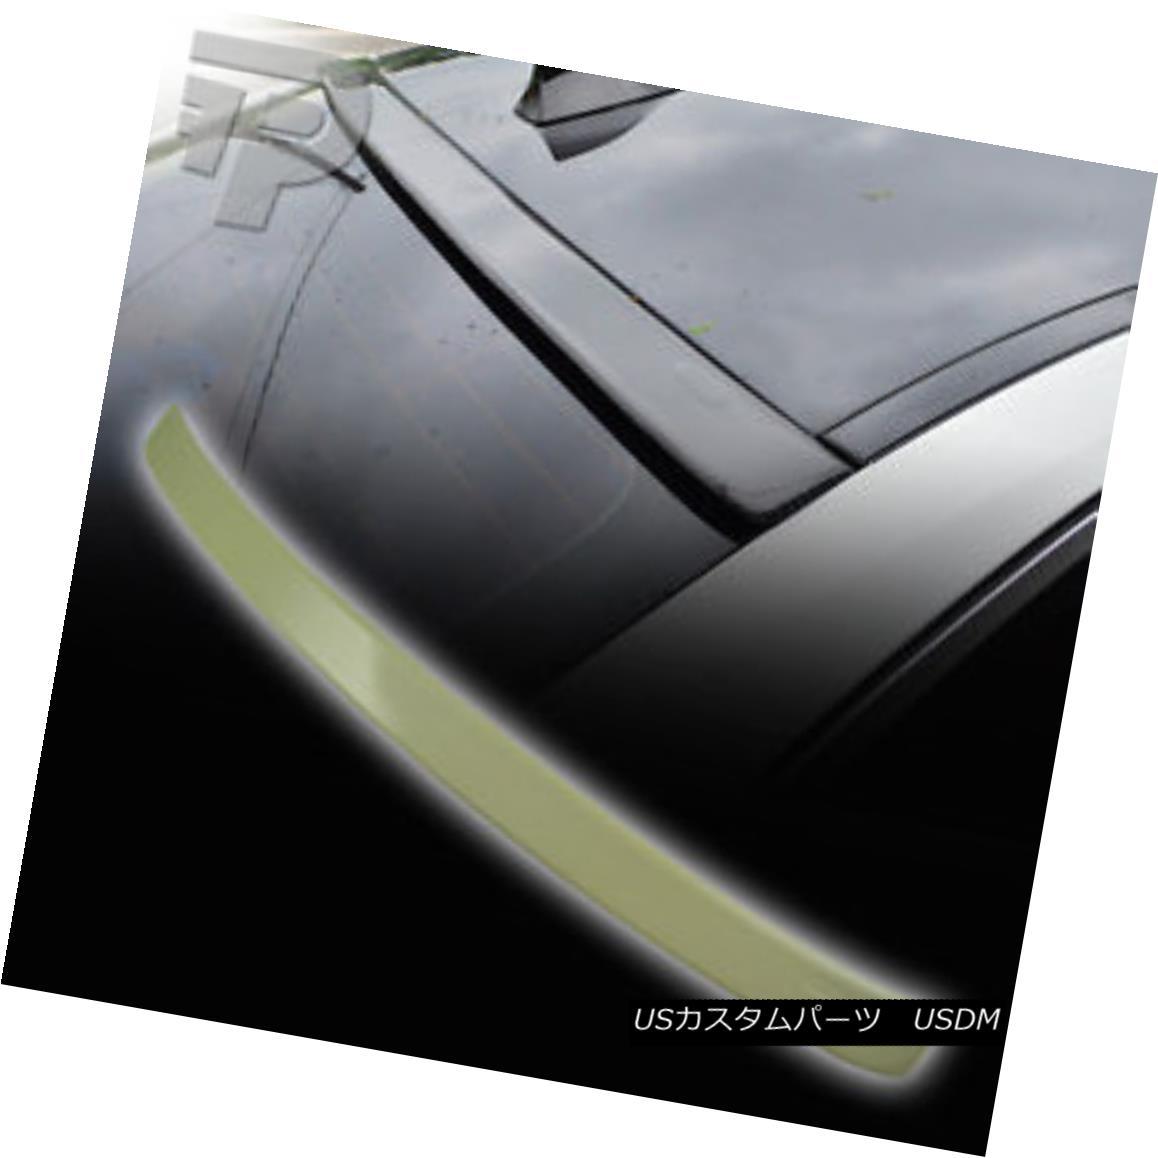 エアロパーツ PAINTED 5-SERIES F10 BMW A TYPE REAR ROOF WINDOW SPOILER 354 SILVER ▼ 塗装5シリーズF10 BMW Aタイプリアルーフウインドウスポイラー354シルバー?